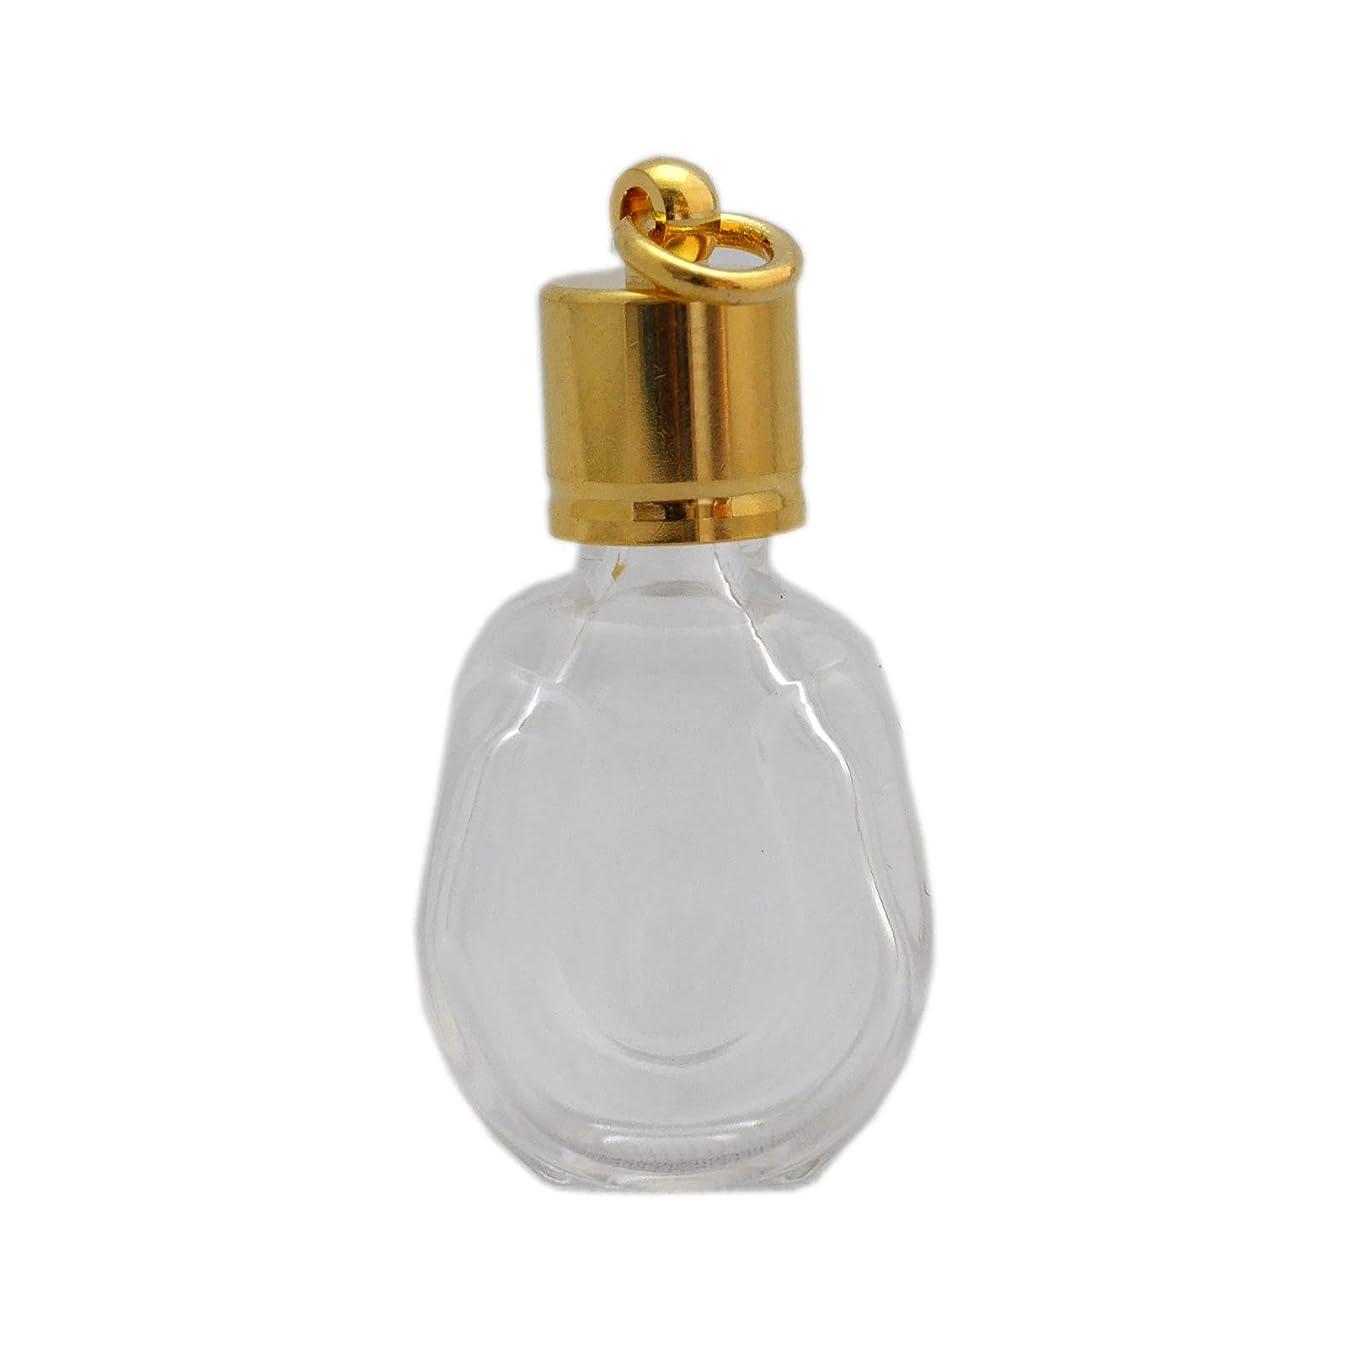 肥沃な事前石膏ミニ香水瓶 アロマペンダントトップ 馬蹄型(透明 容量1.3ml)×穴あきキャップ ゴールド